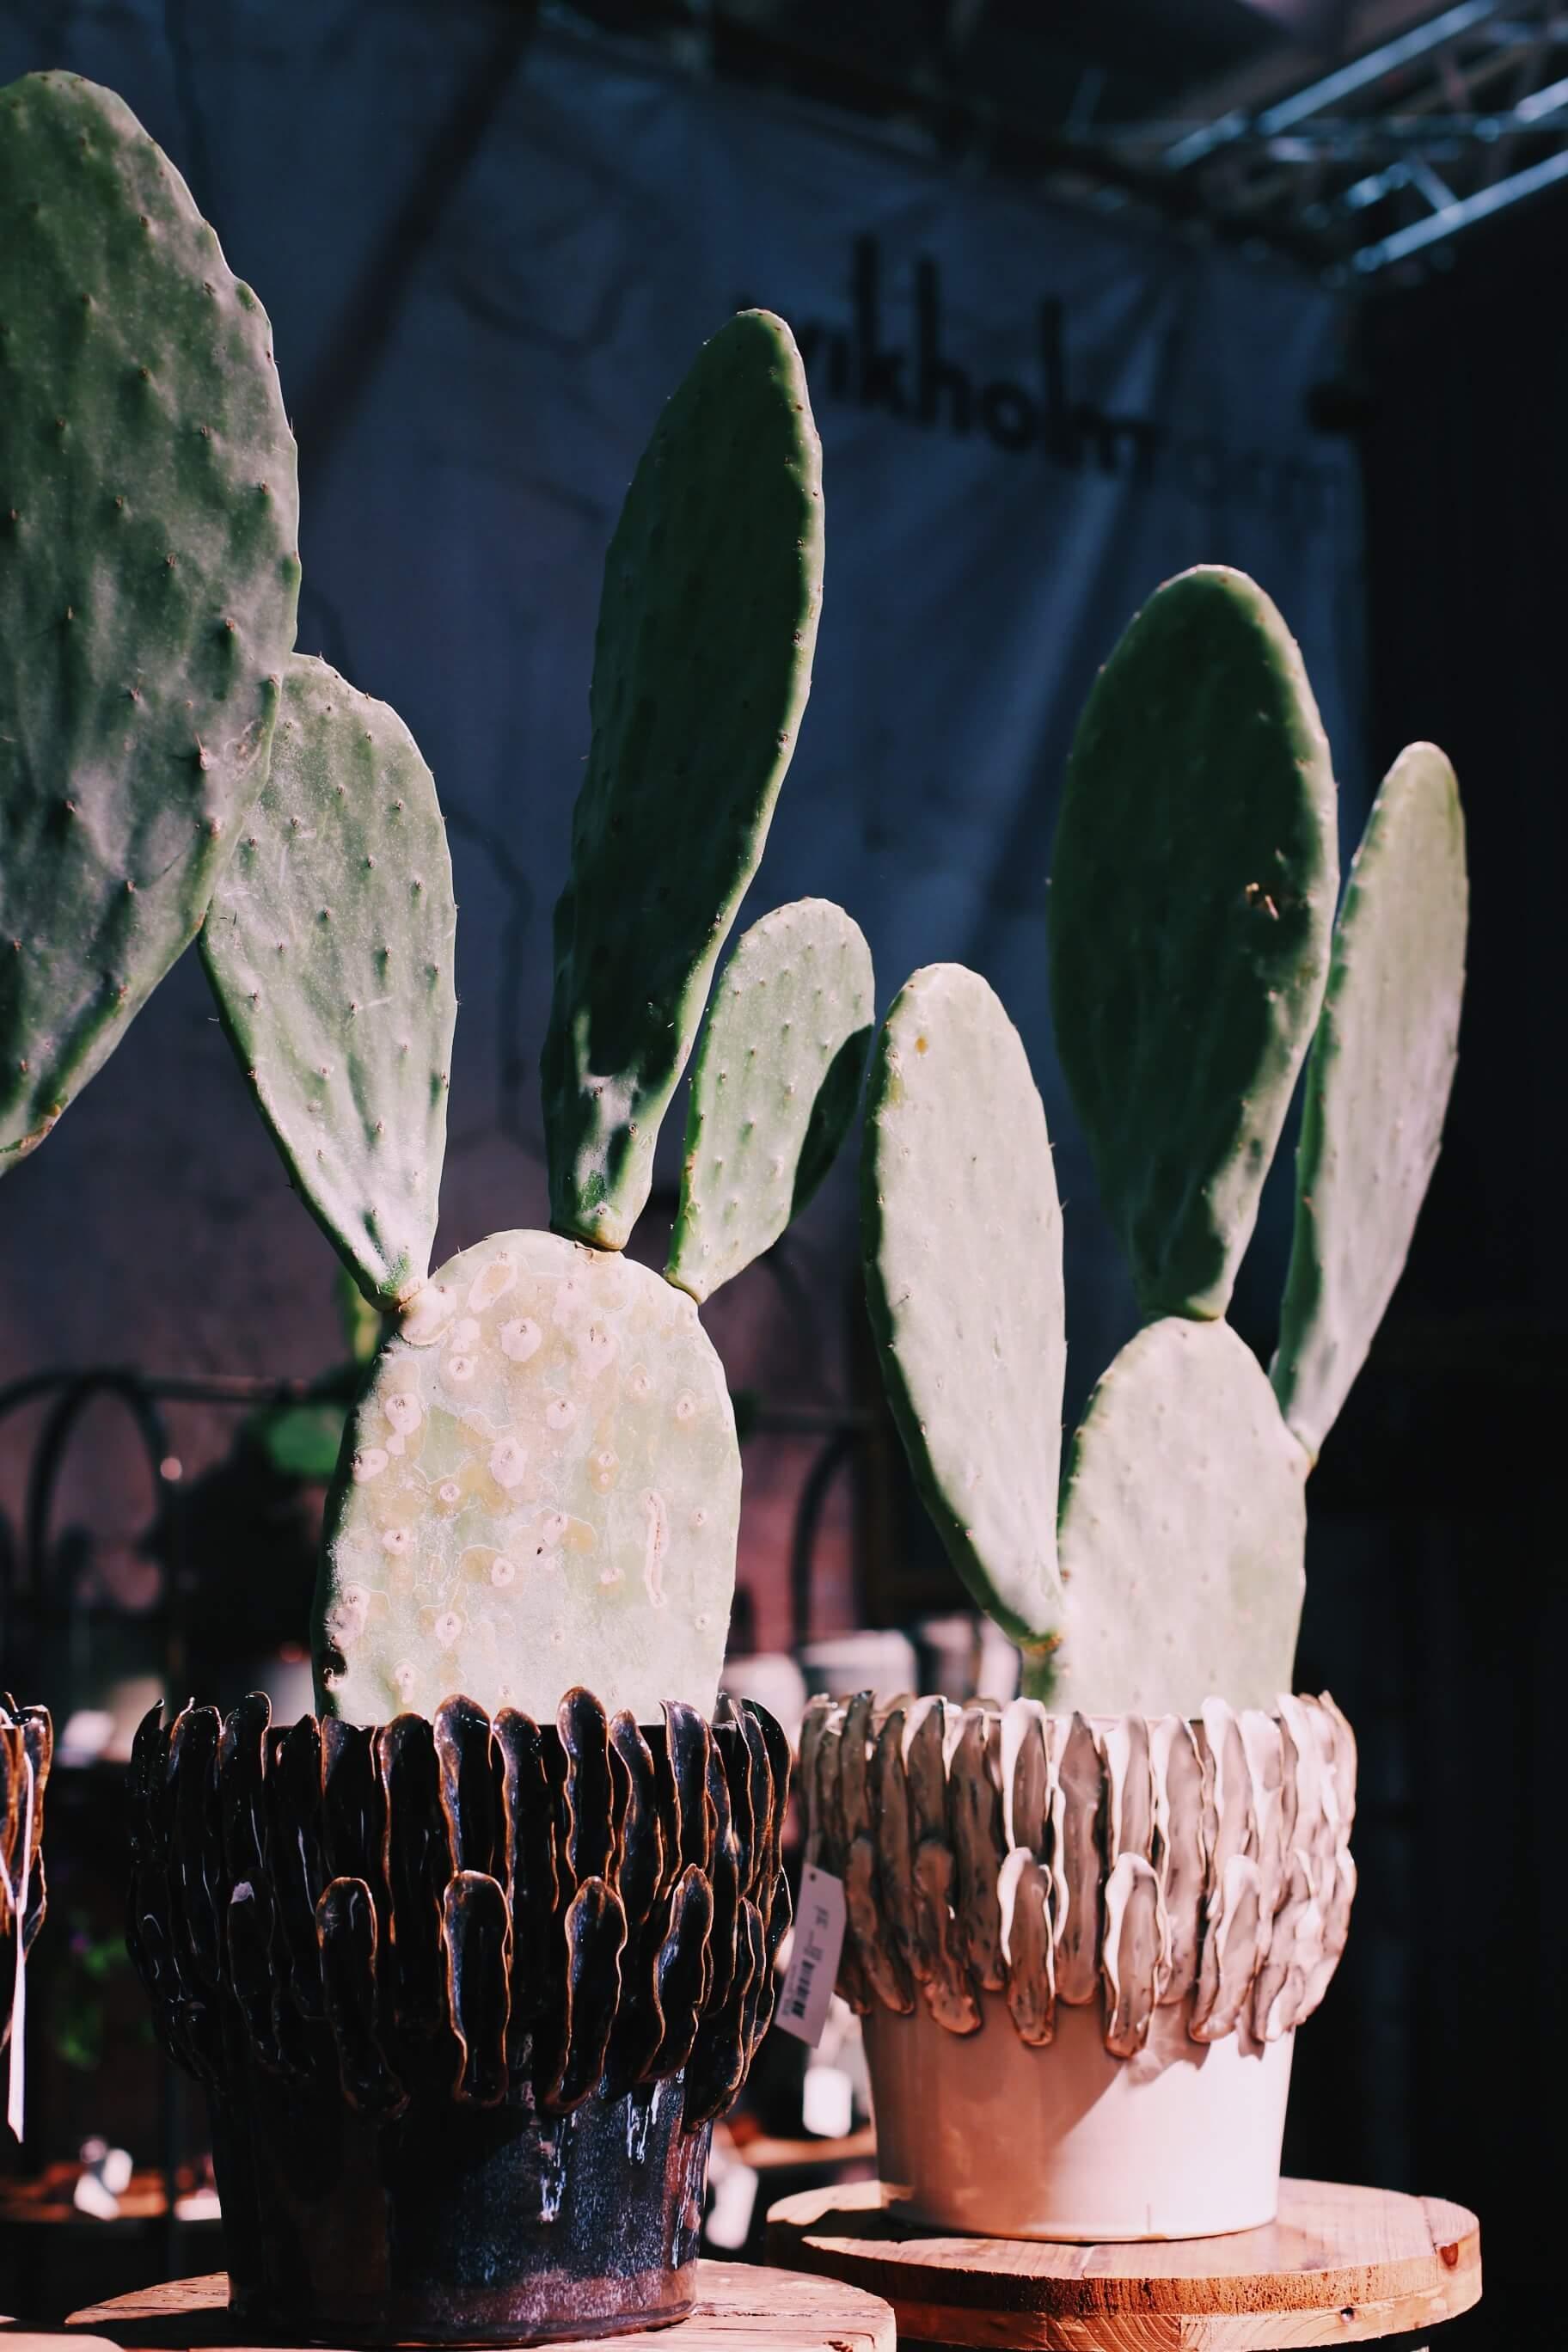 Suuri kaktus on näyttävä sisustuselementti, ruukku on kuin käsintehty.